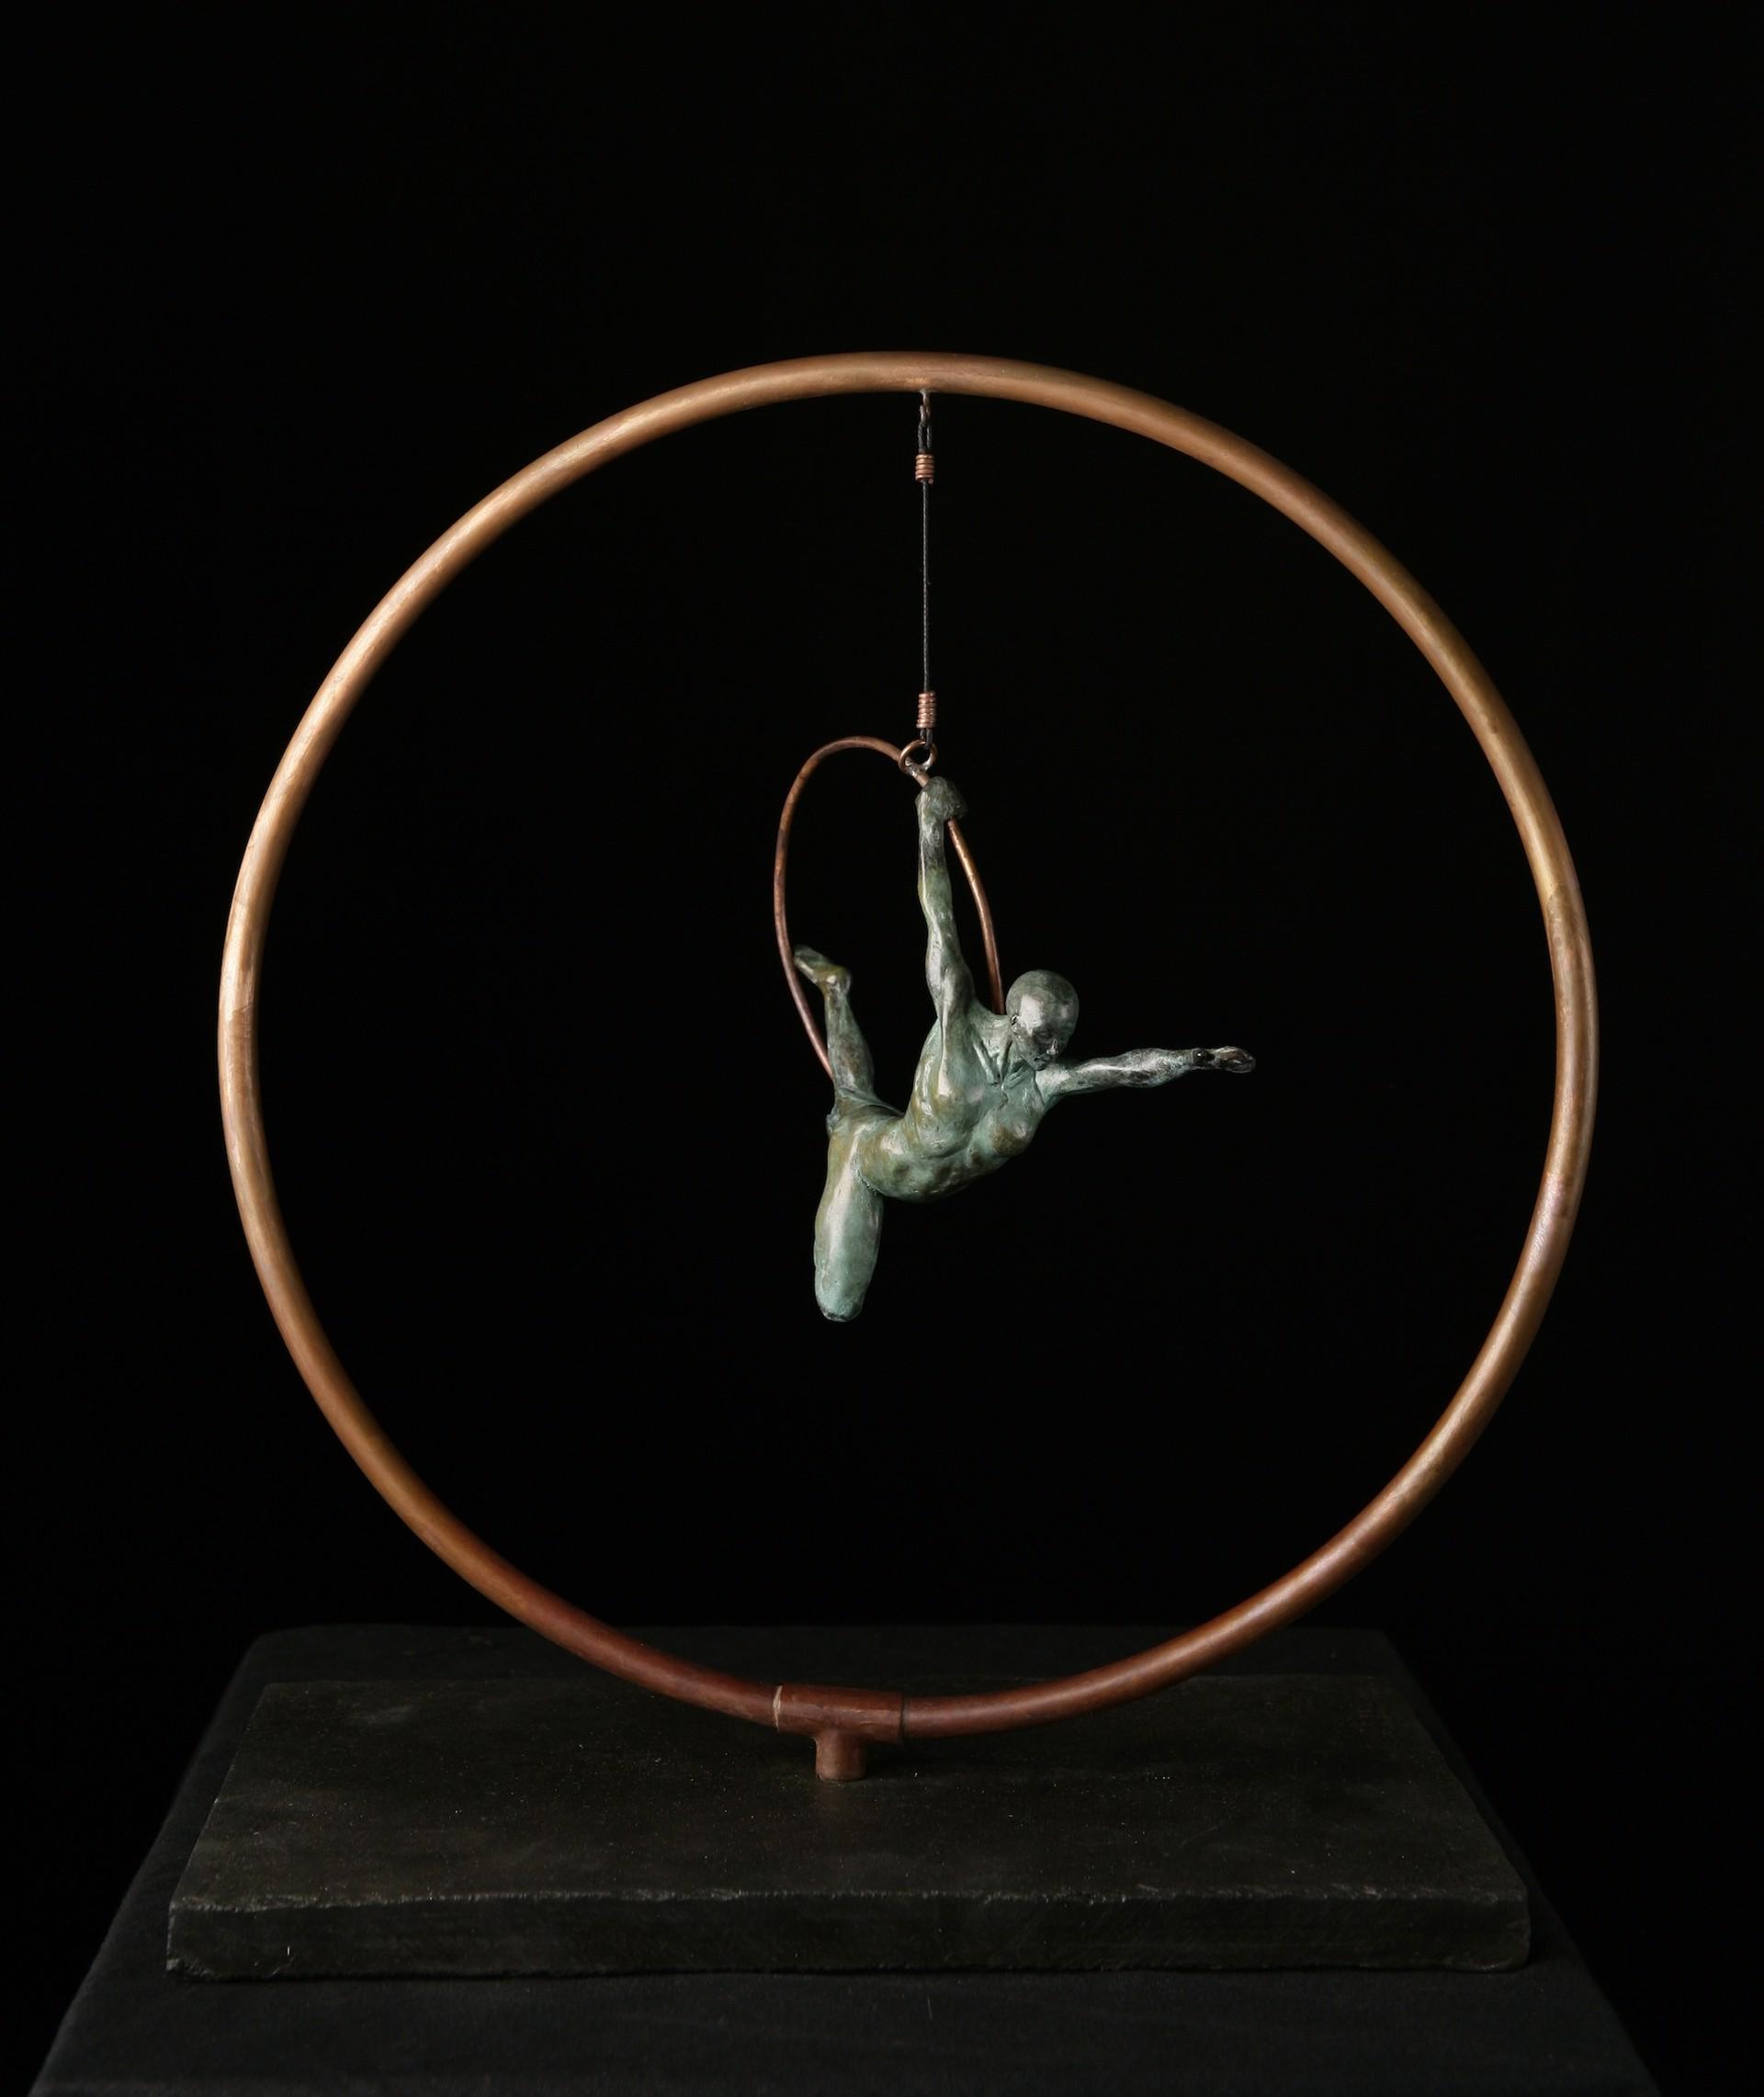 Rings by Brendon Murless